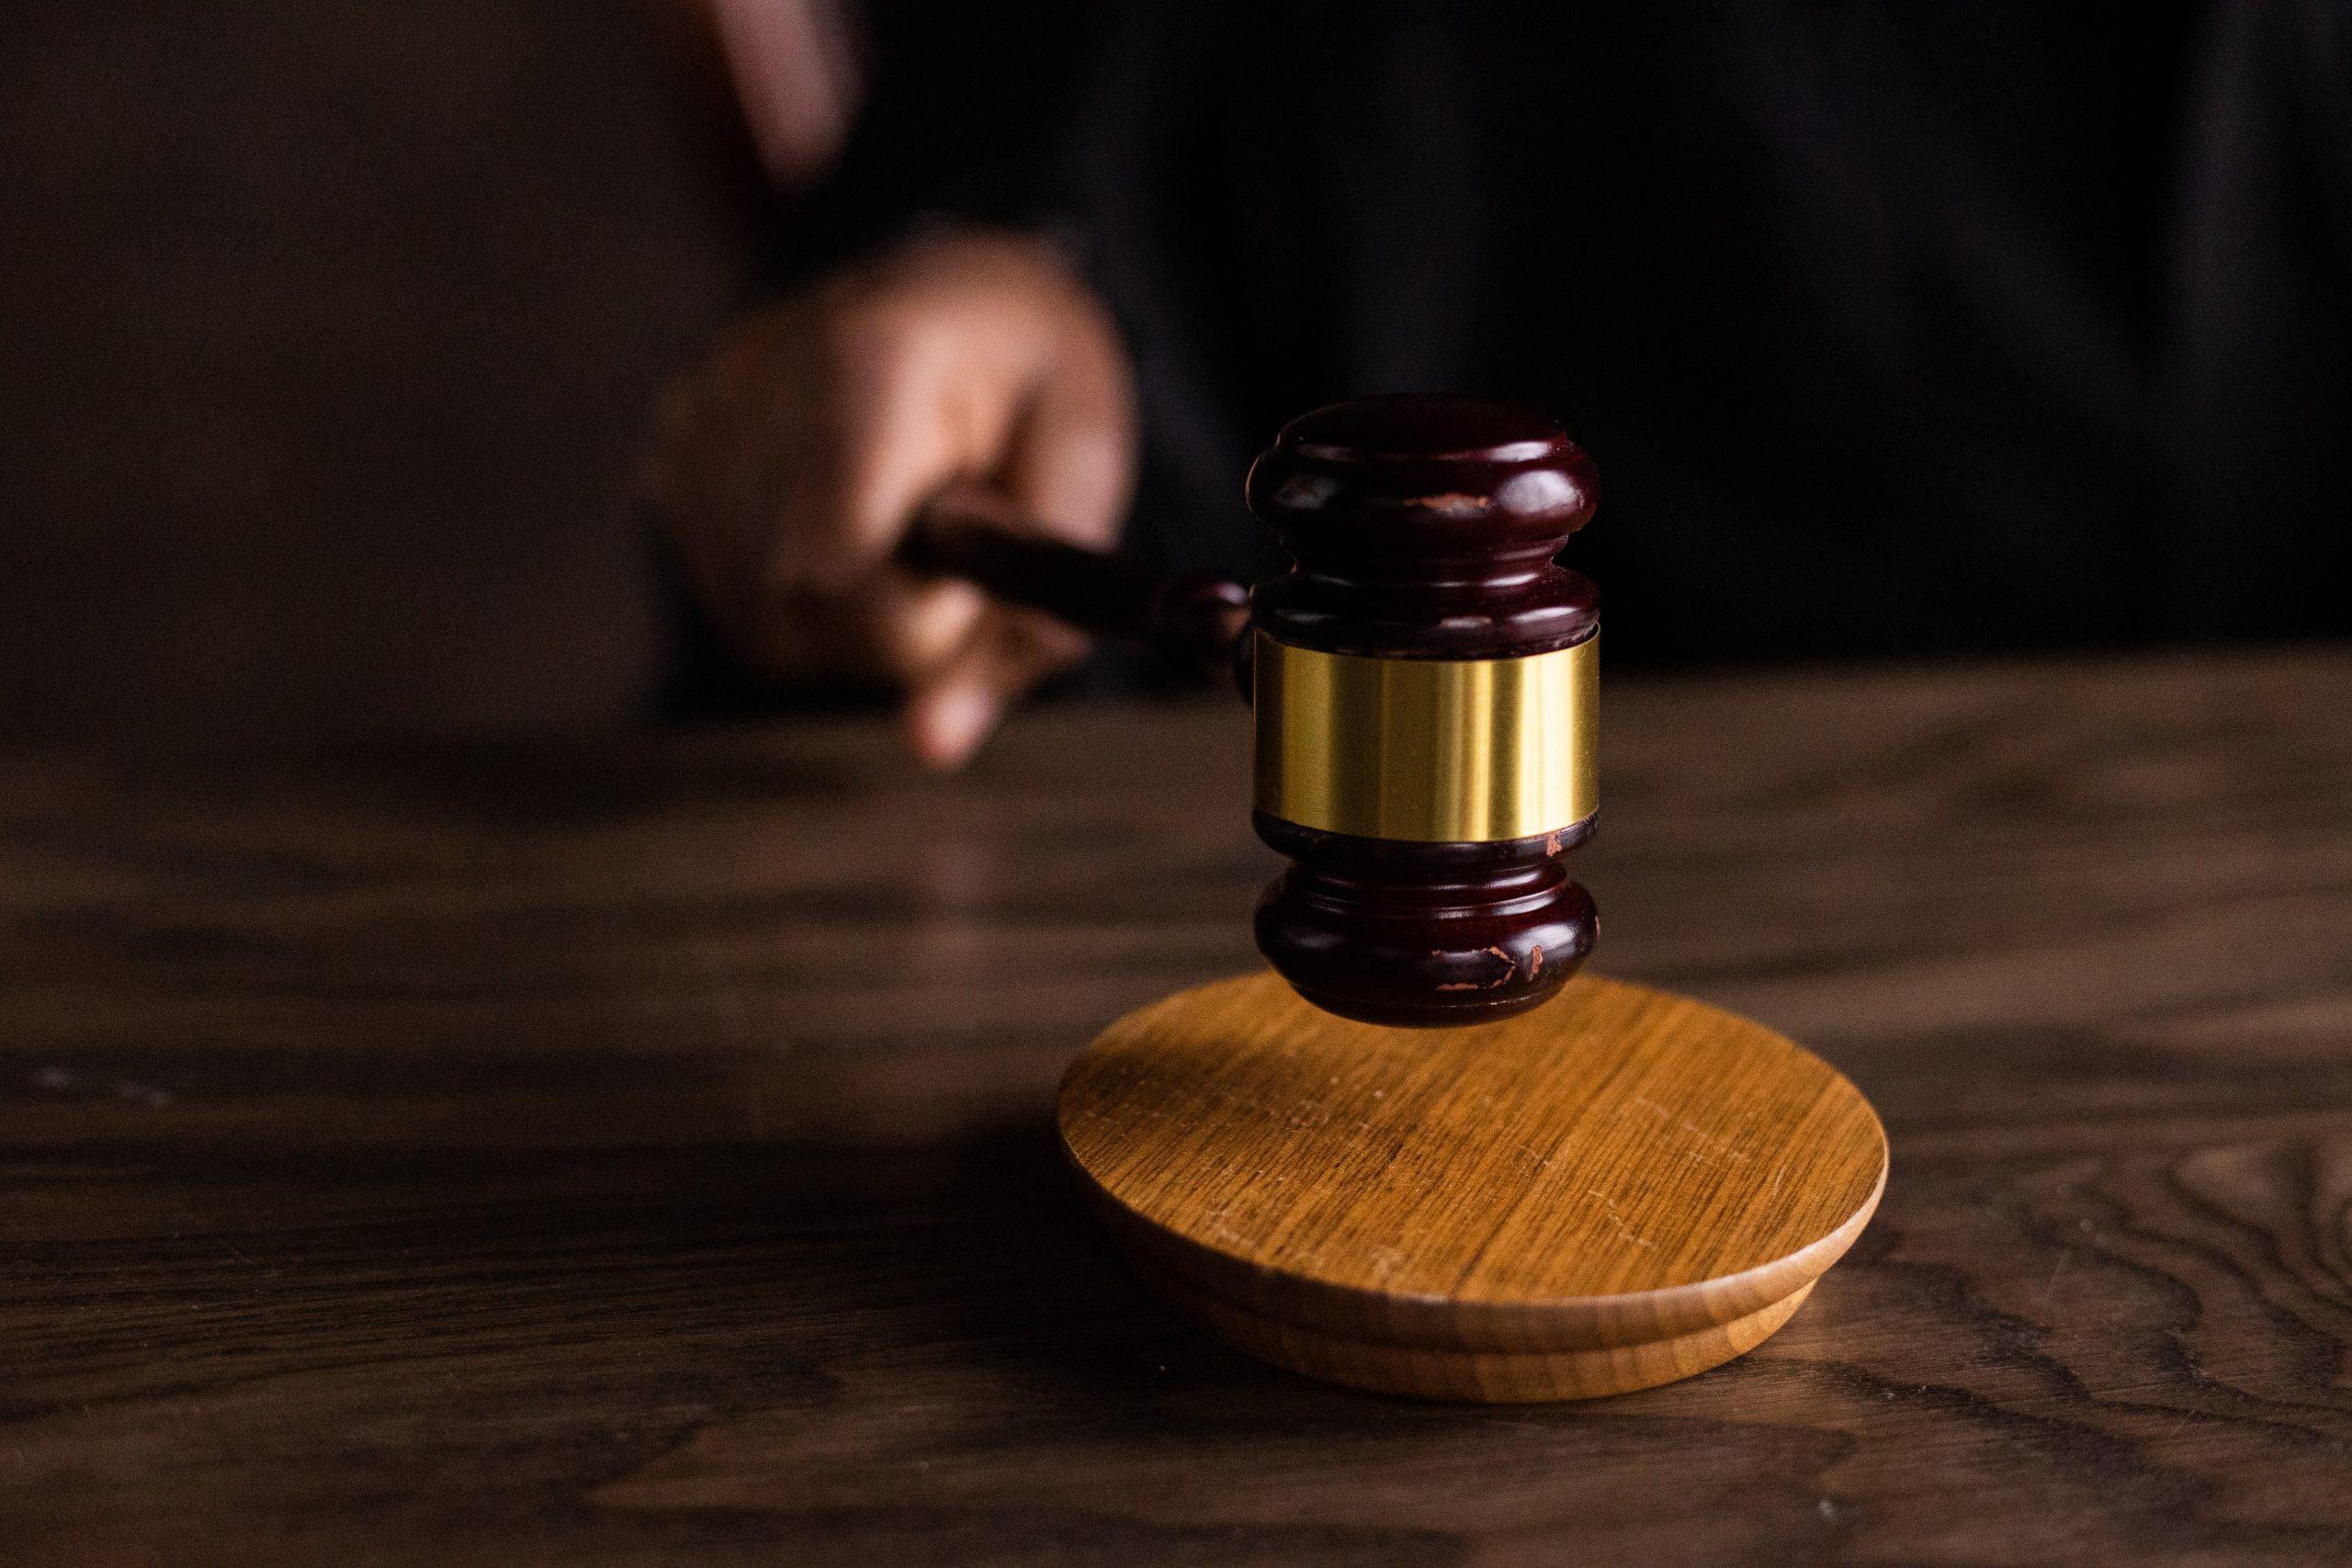 Gavel Judge Law Court Maine Bangor Courthouse 3 scaled.